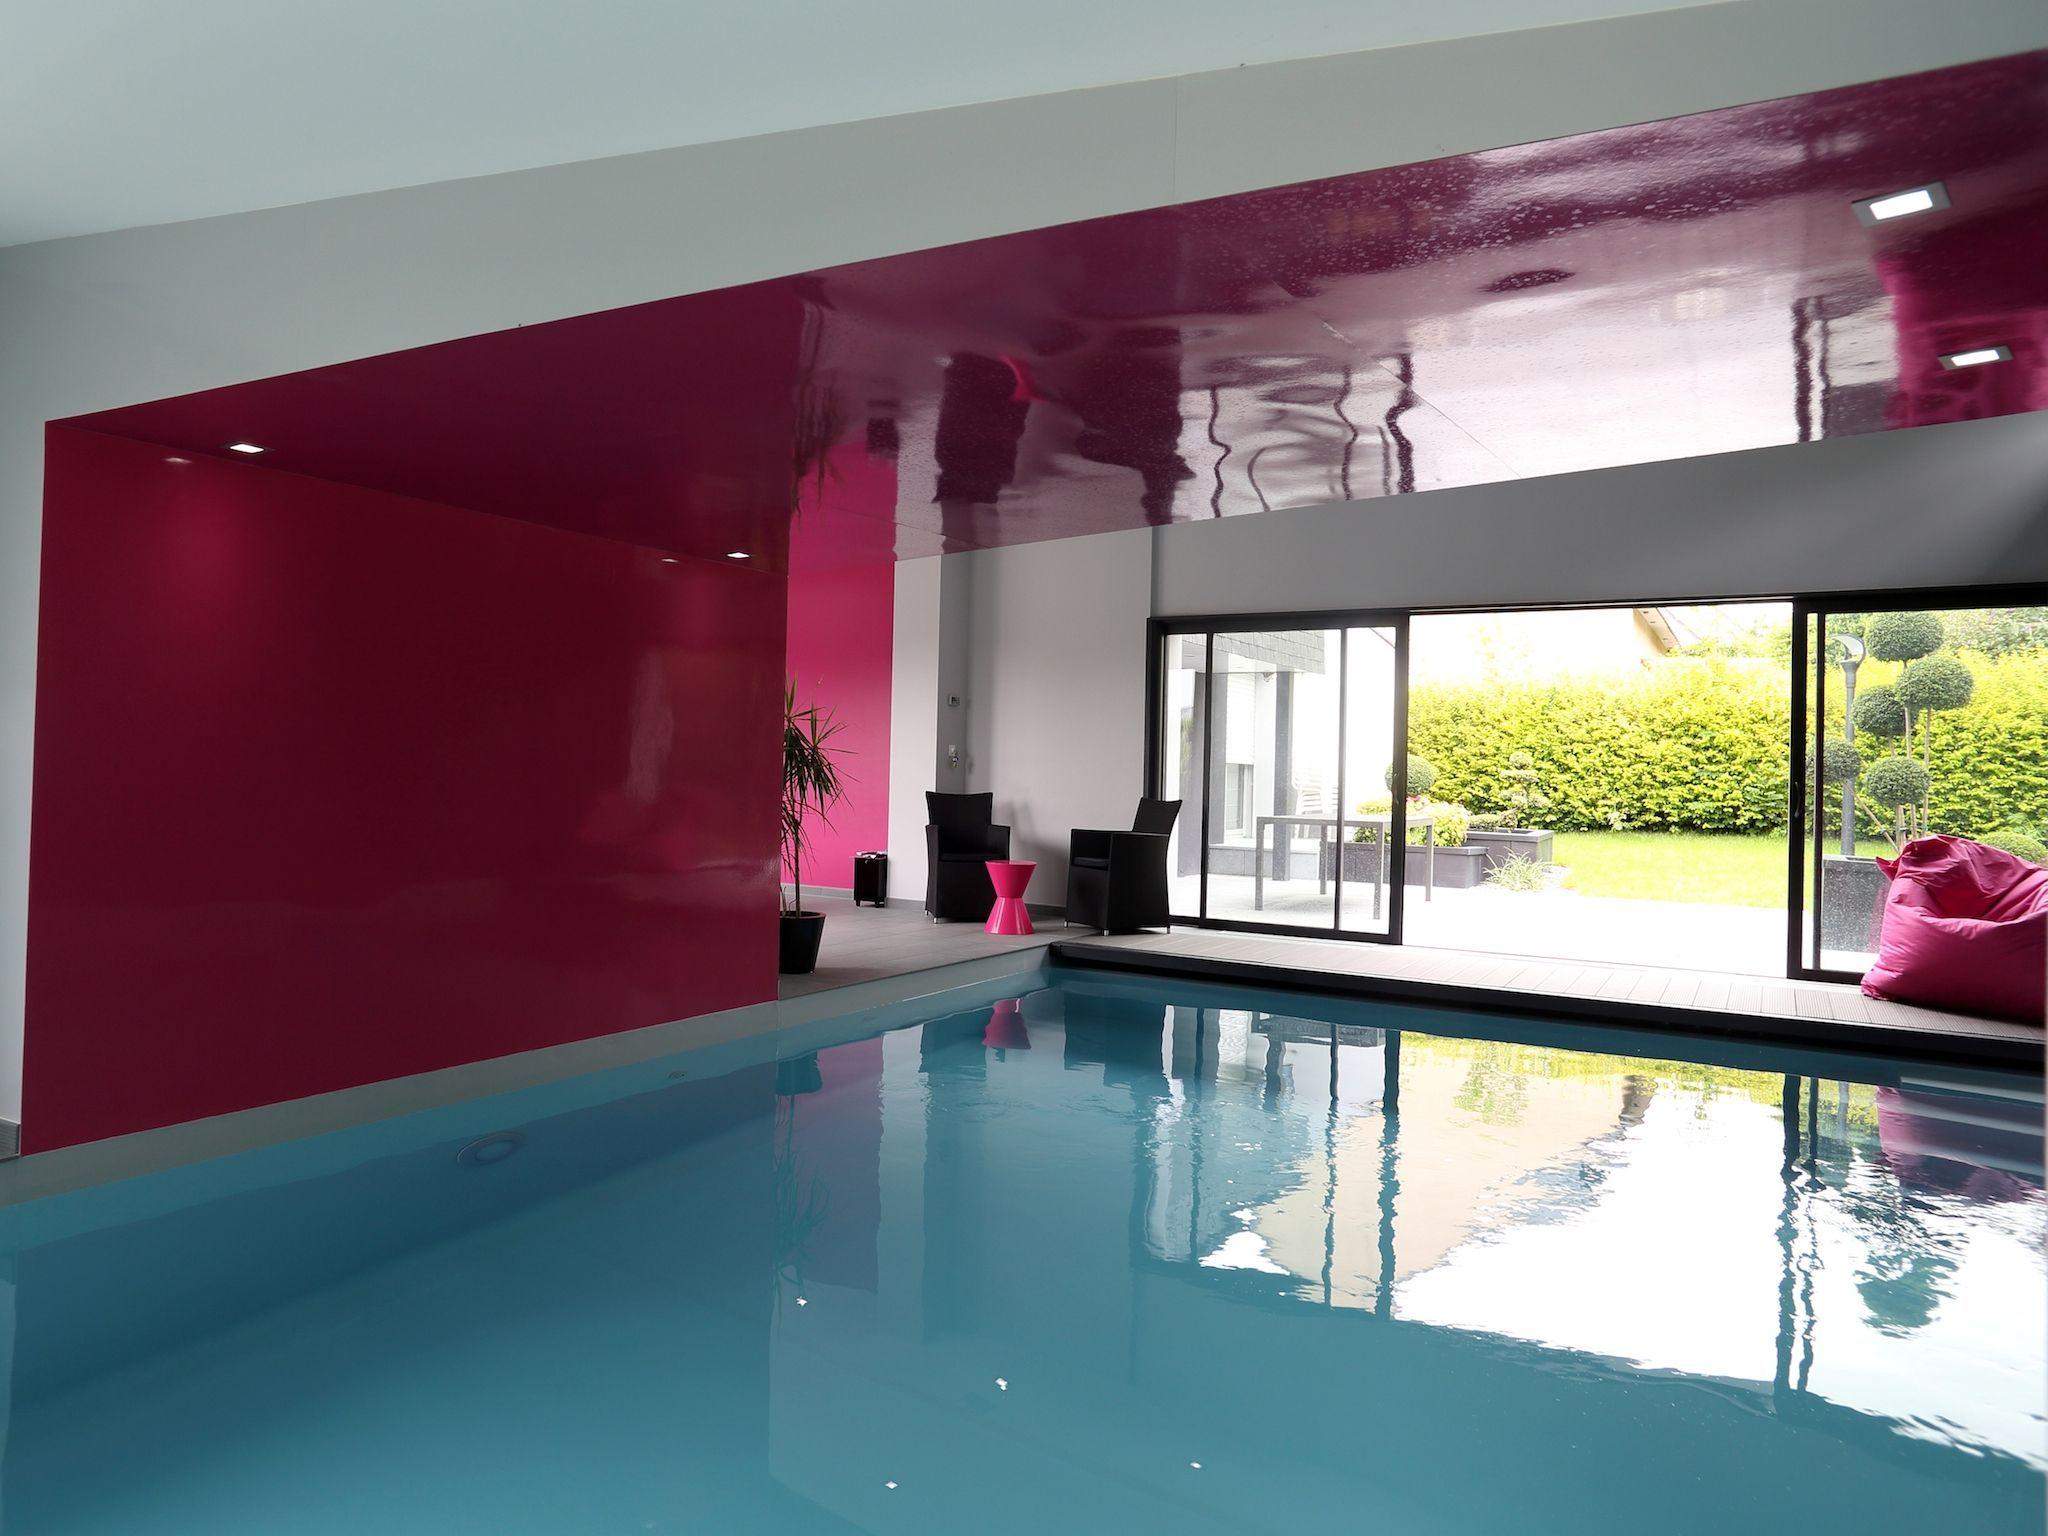 la piscine intrieure par lesprit piscine 10 x 5 m revtement gris clair escalier droit invers margelles en cramique